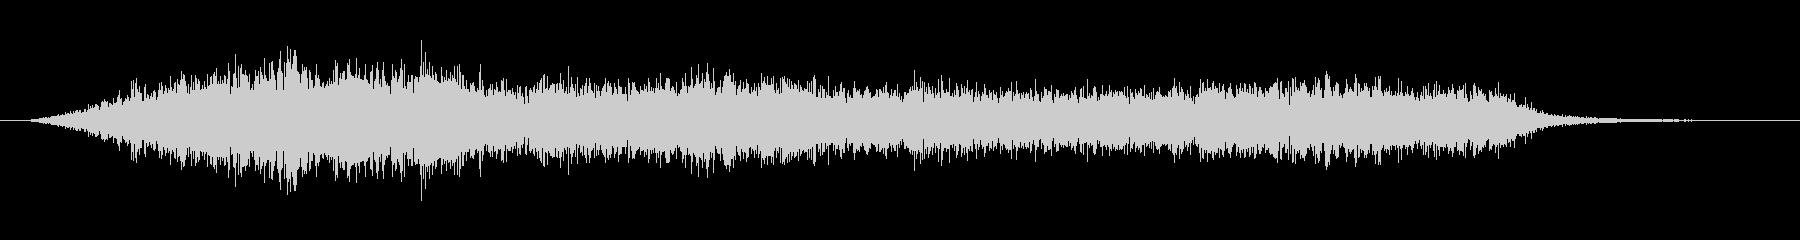 緊張 デーモン合唱団クラスターダウン01の未再生の波形